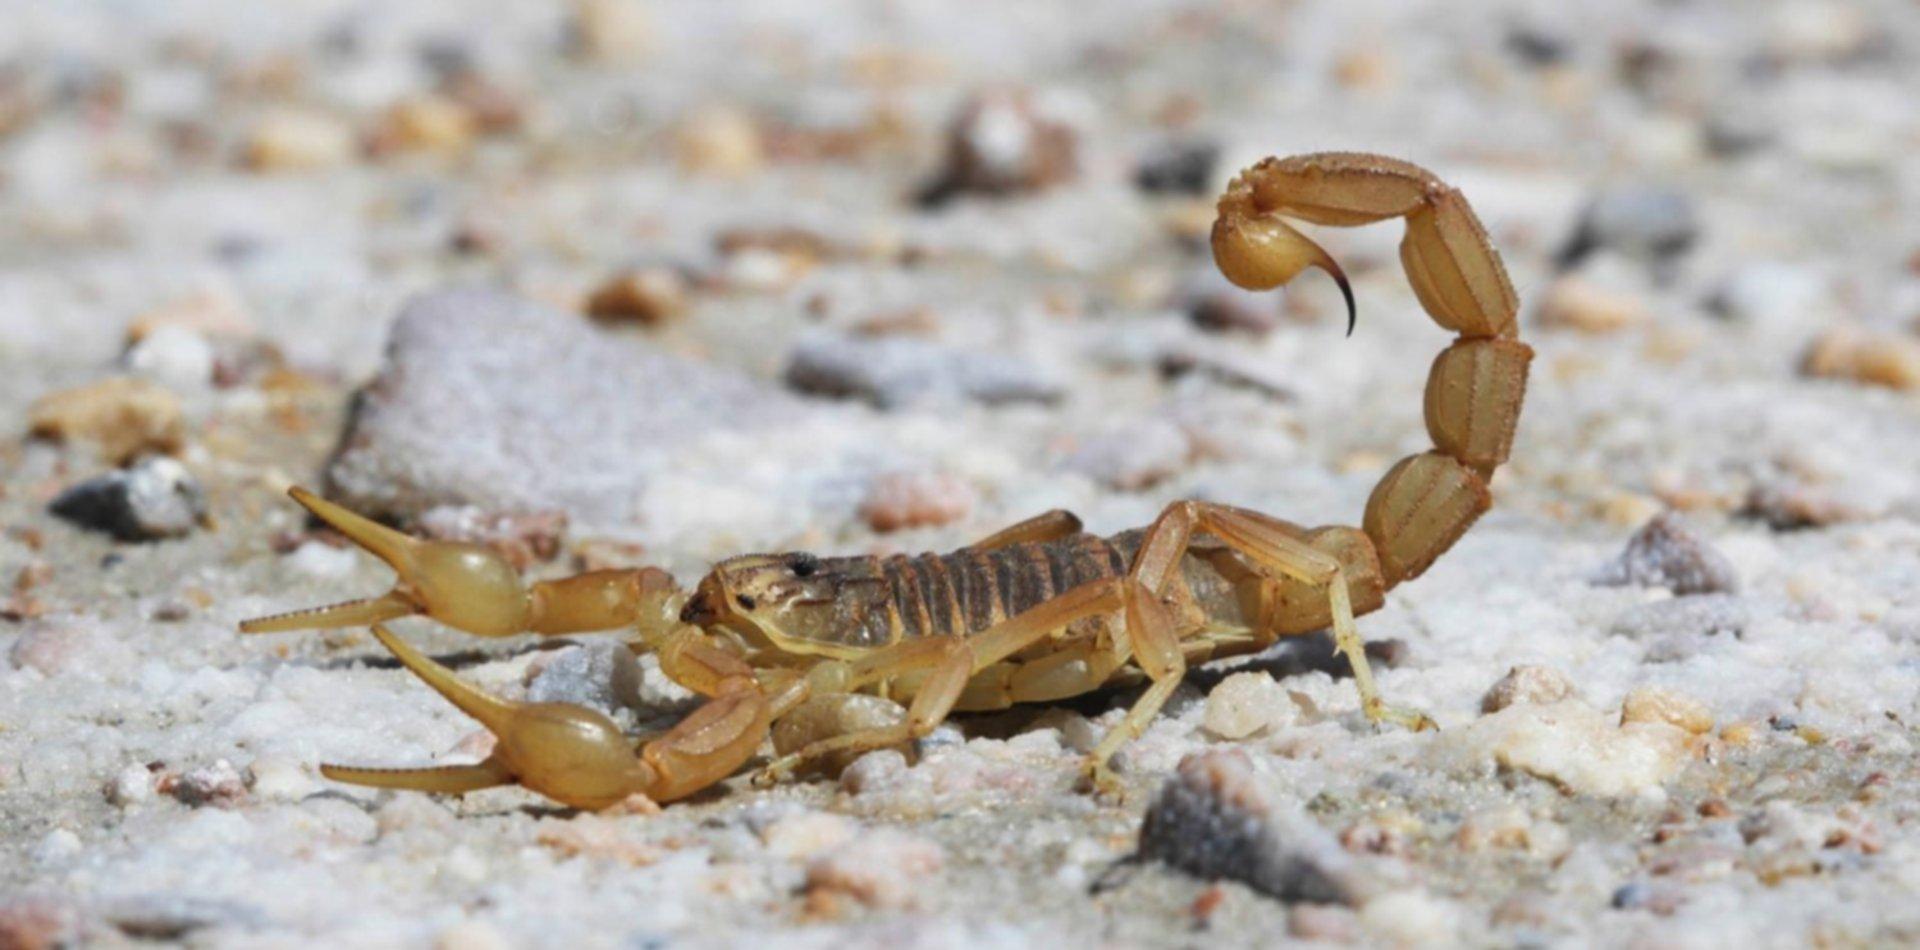 ¿Cómo son los cinco escorpiones peligrosos que aparecieron en La Plata?